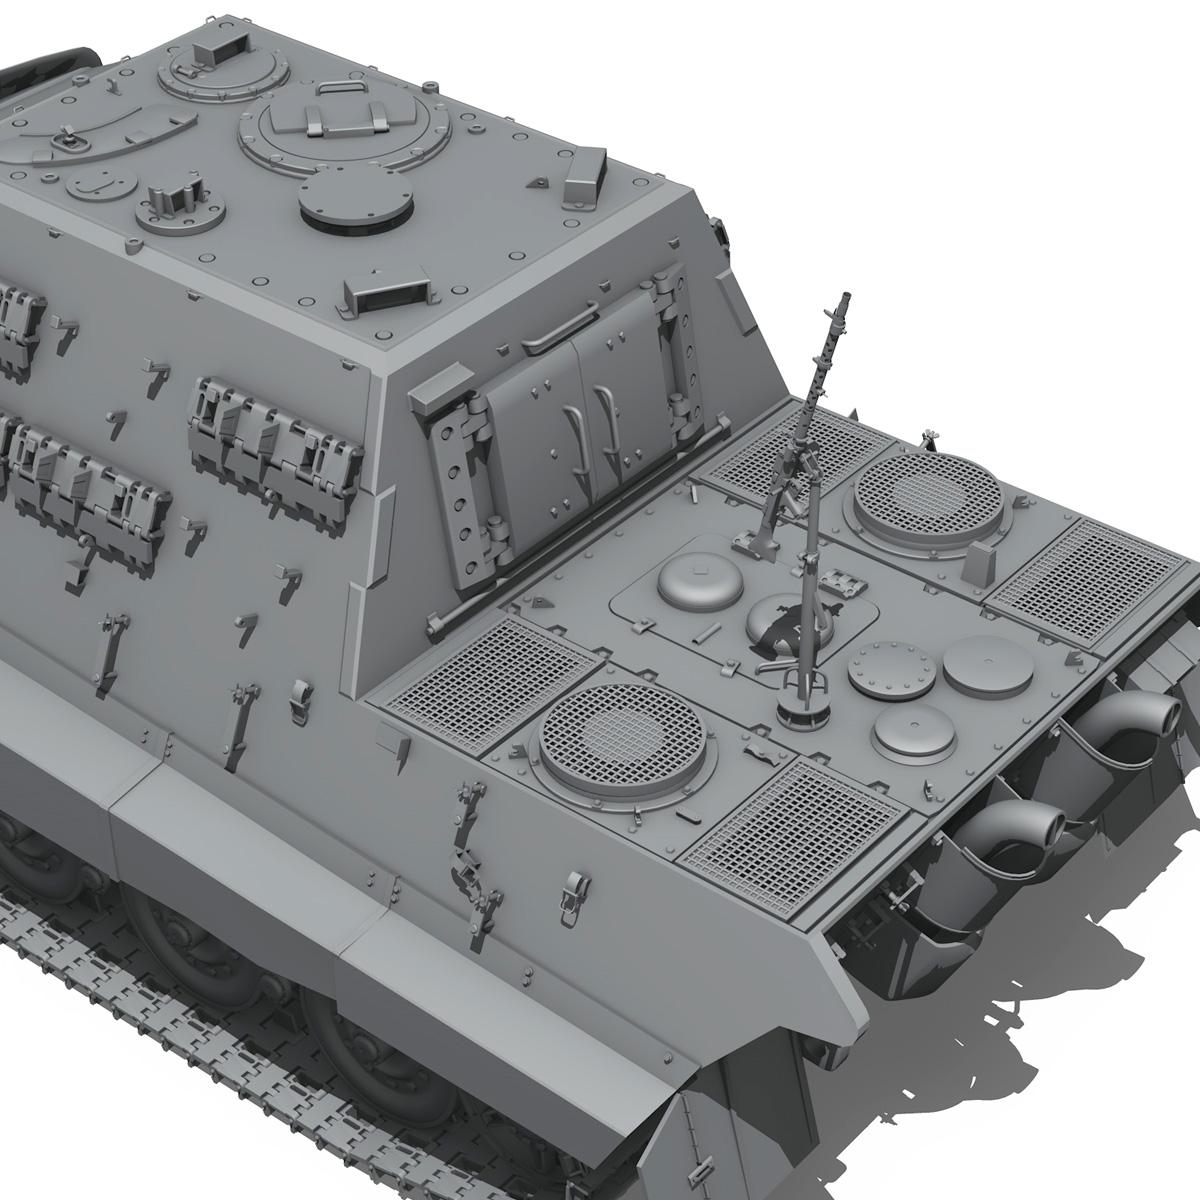 sd.kfz 186 jagdtiger hunting tiger 3d model 3ds fbx c4d lwo obj 189965